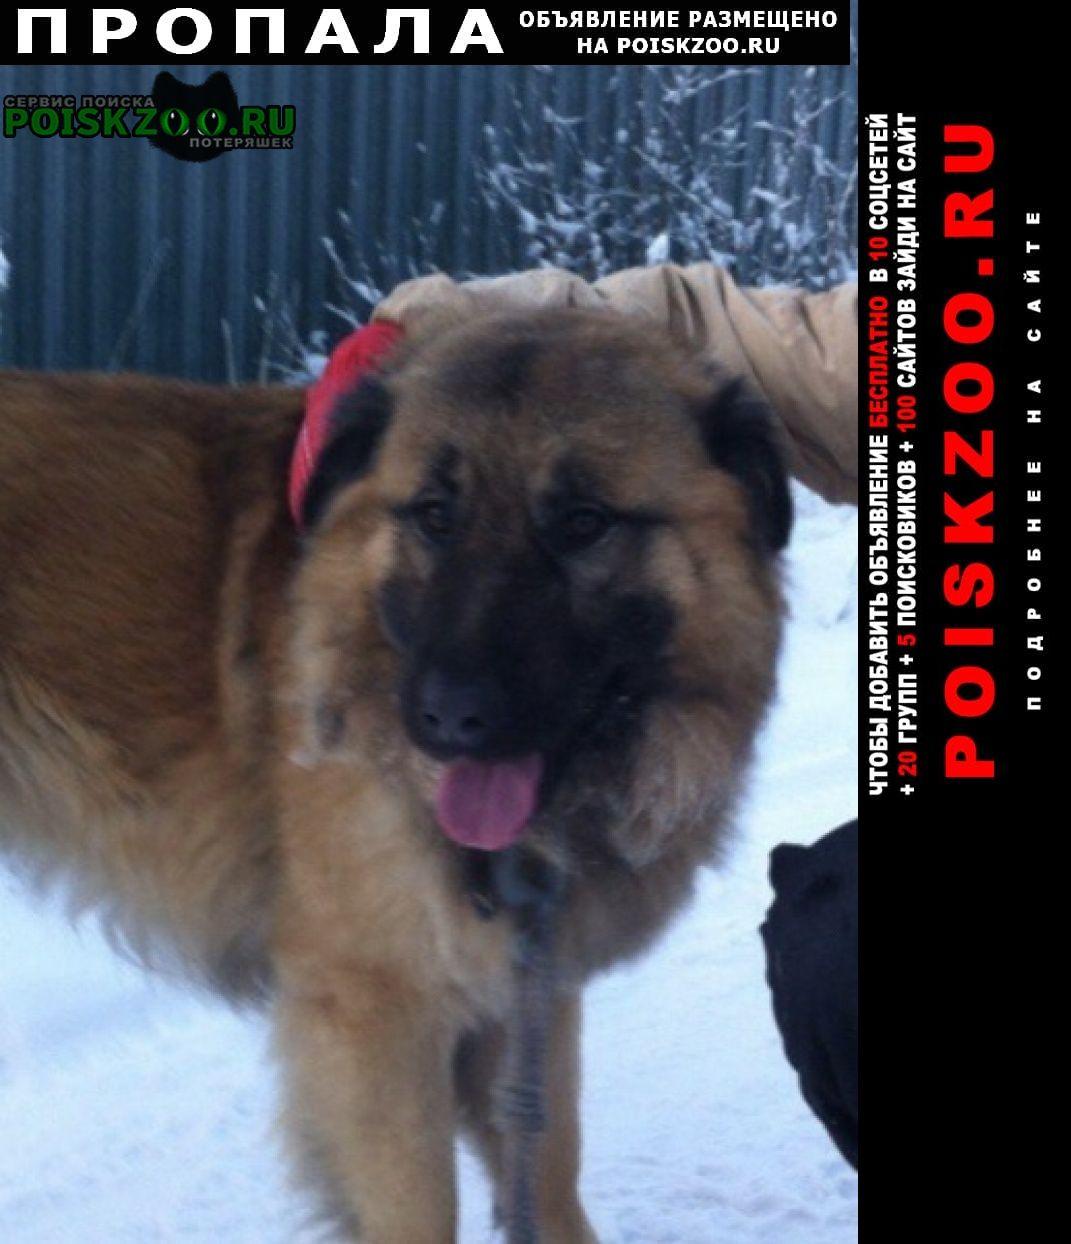 Пропала собака Луга